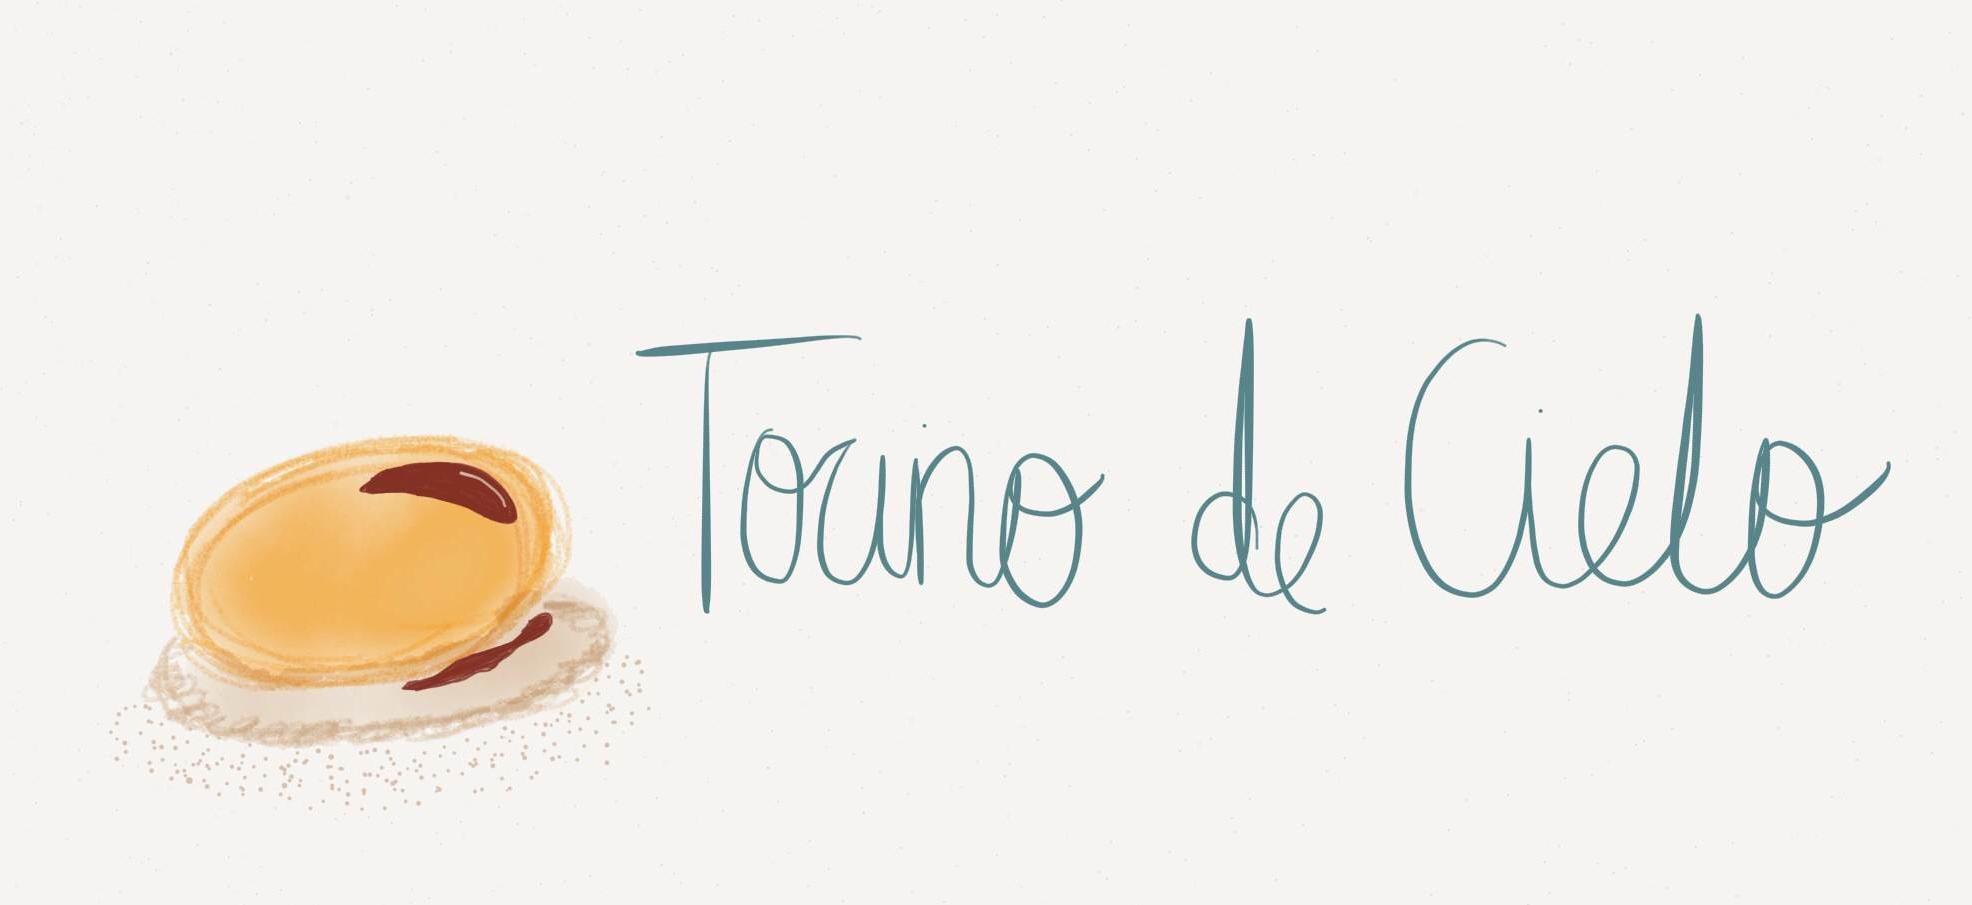 Tocino de Cielo by Inaki Aizpitarte